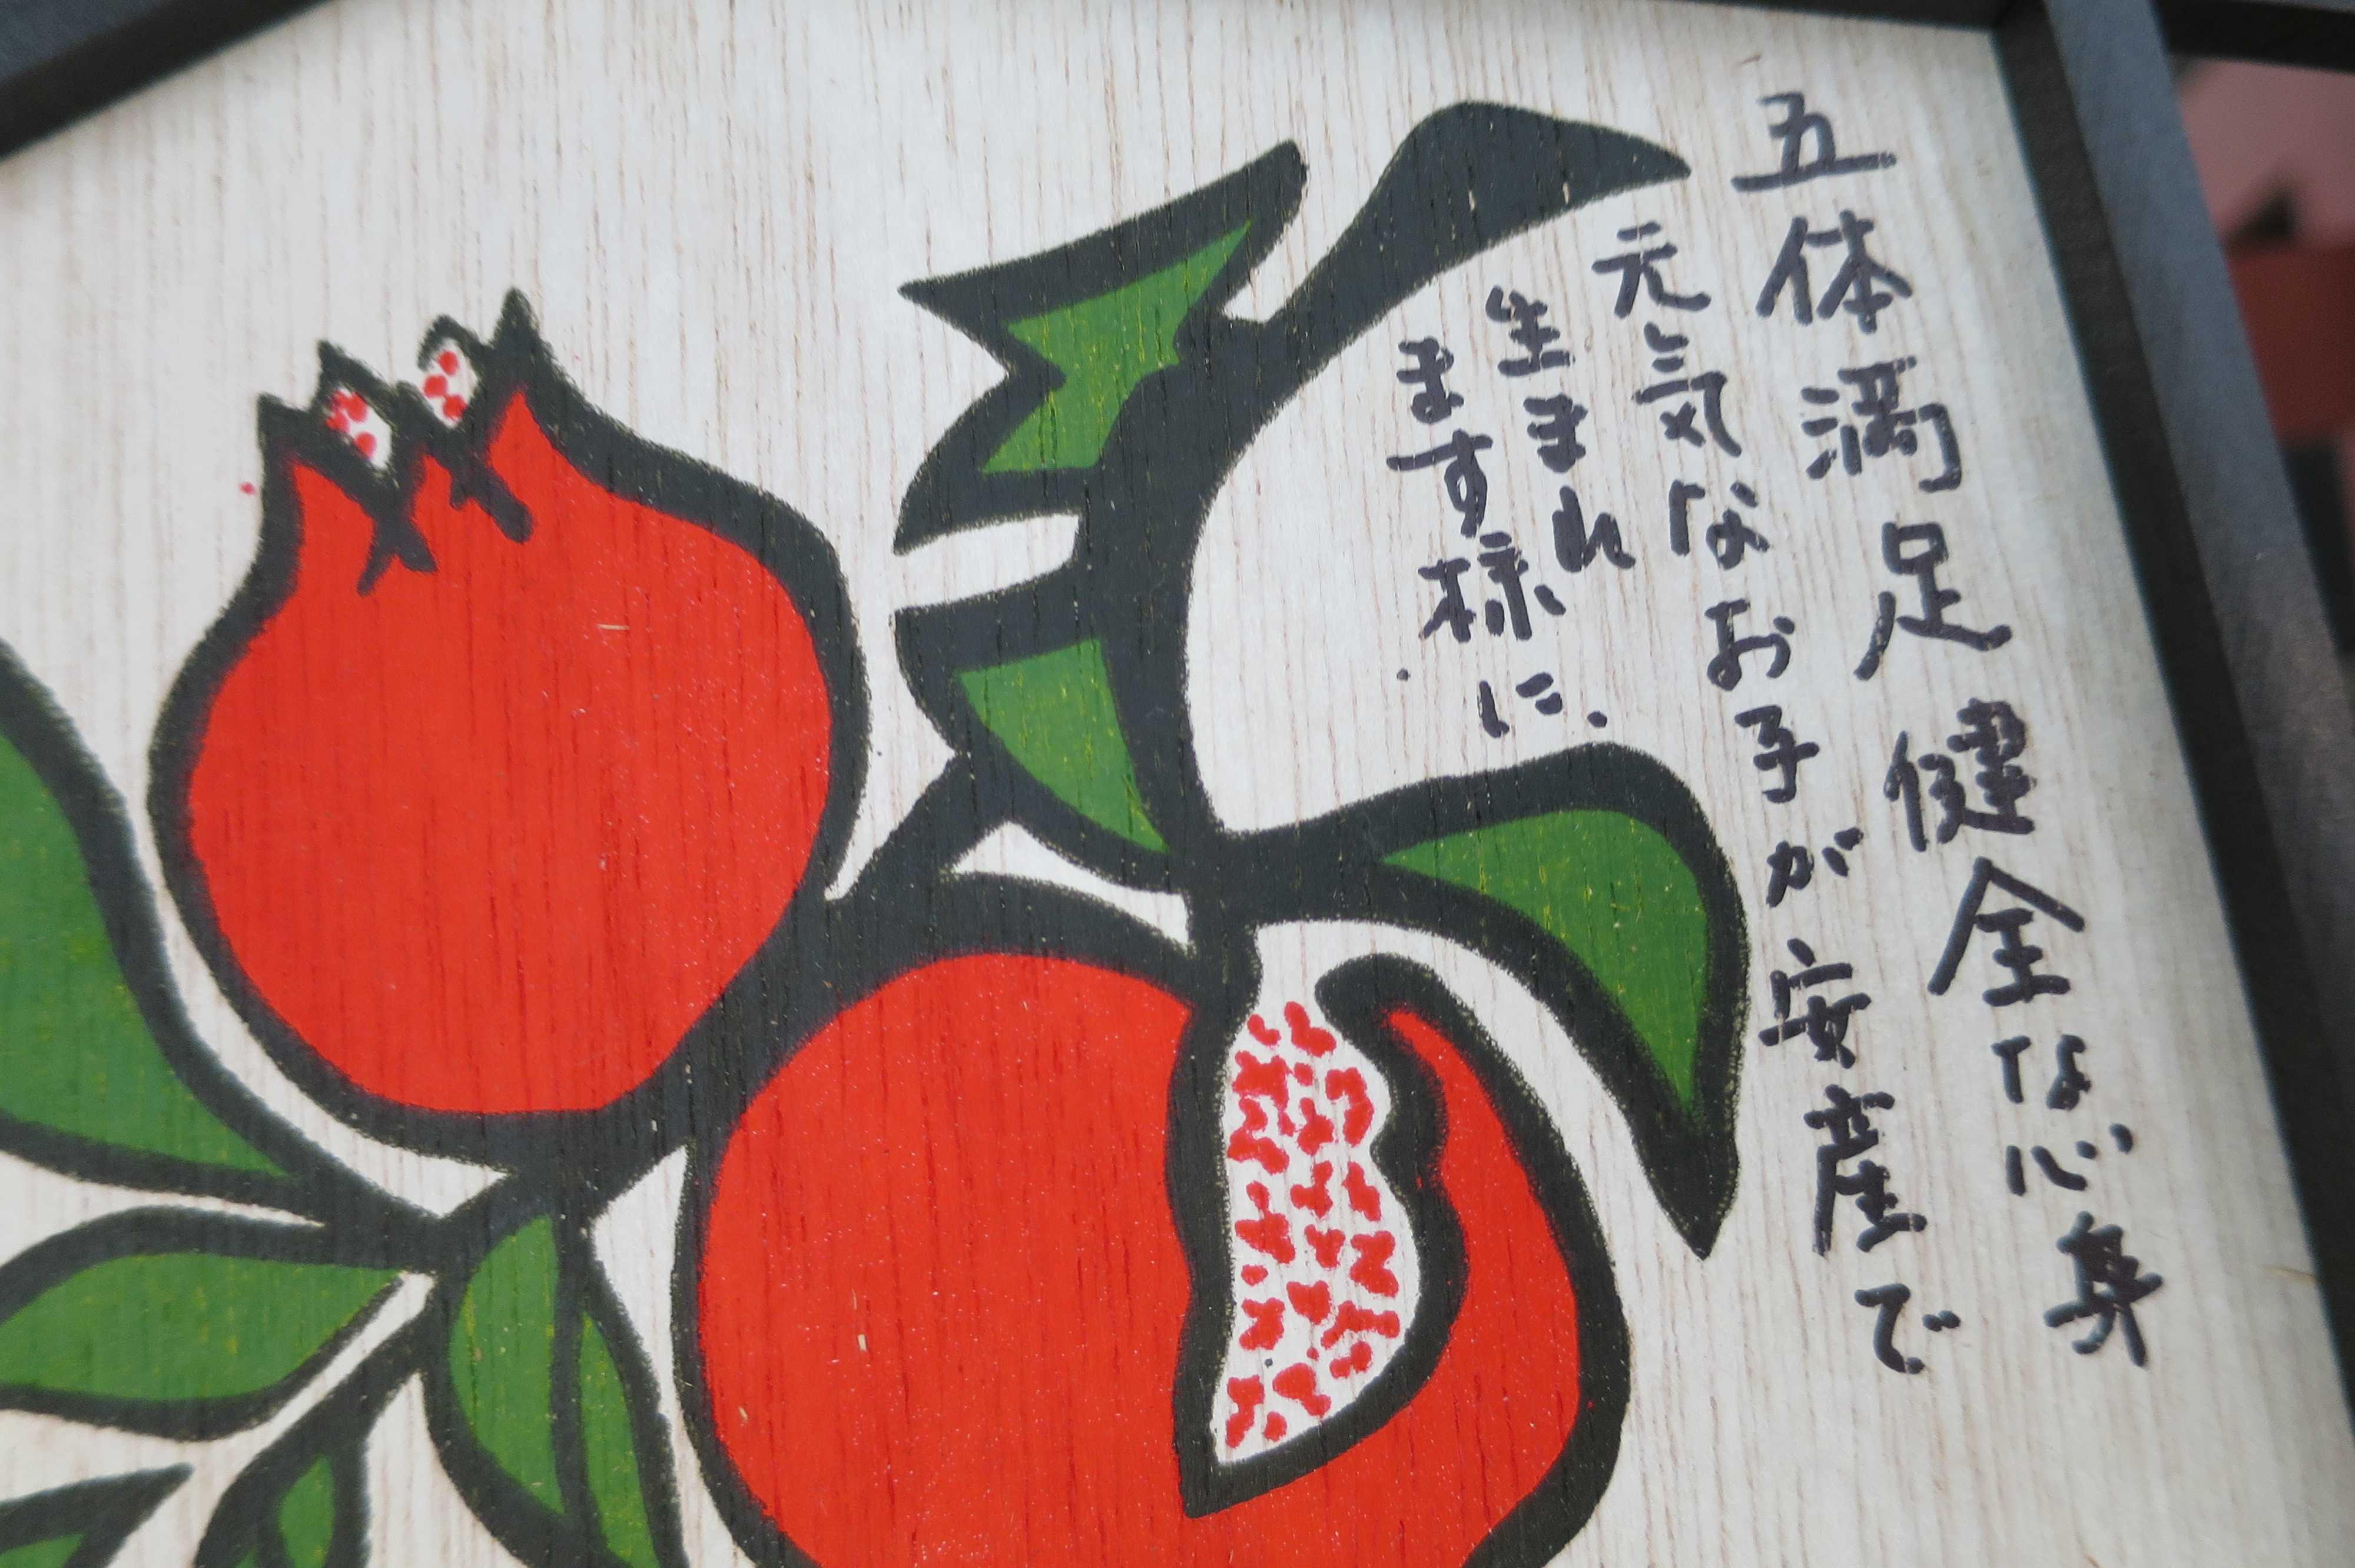 不思議な木「ザクロ」の花言葉や形容、フレーズなど , ムラウチ